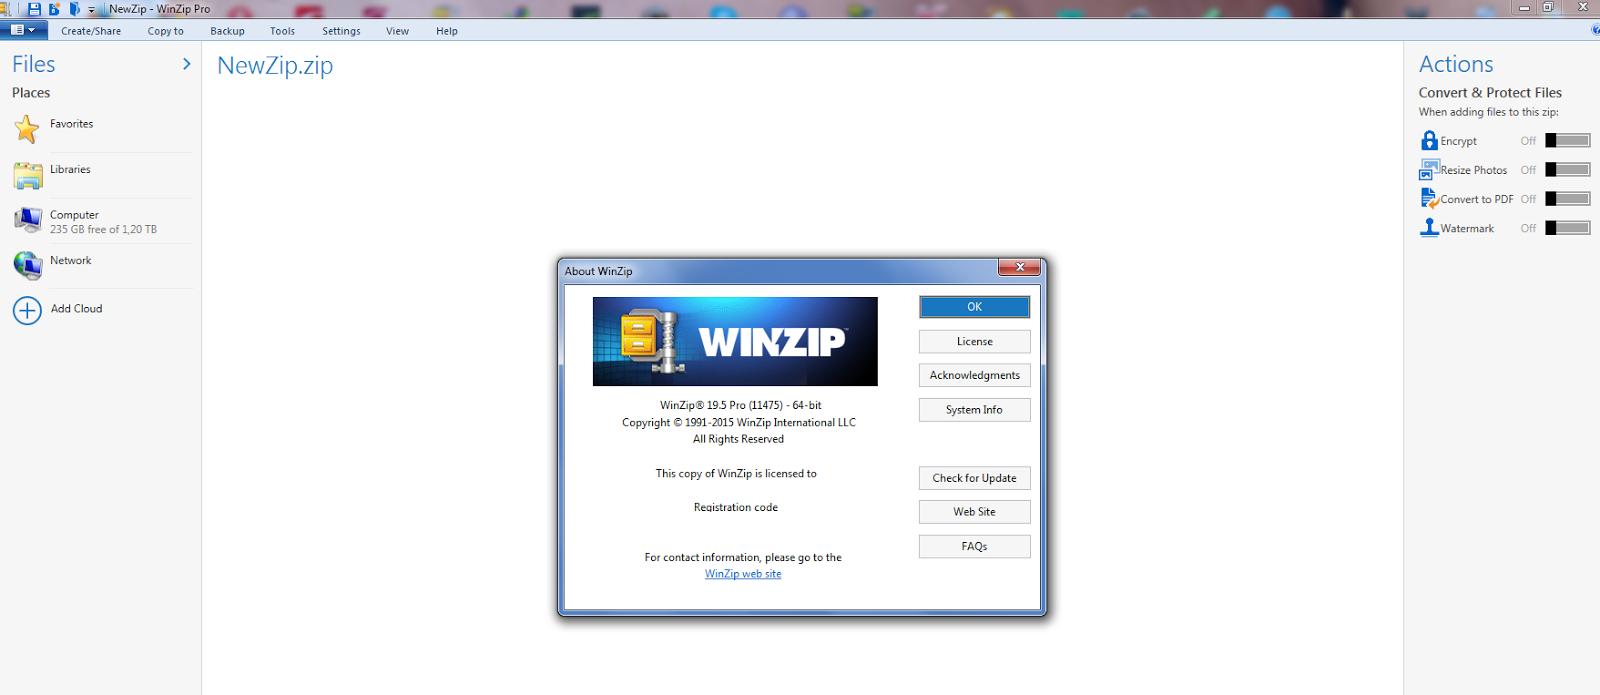 winzip 64 bit crack